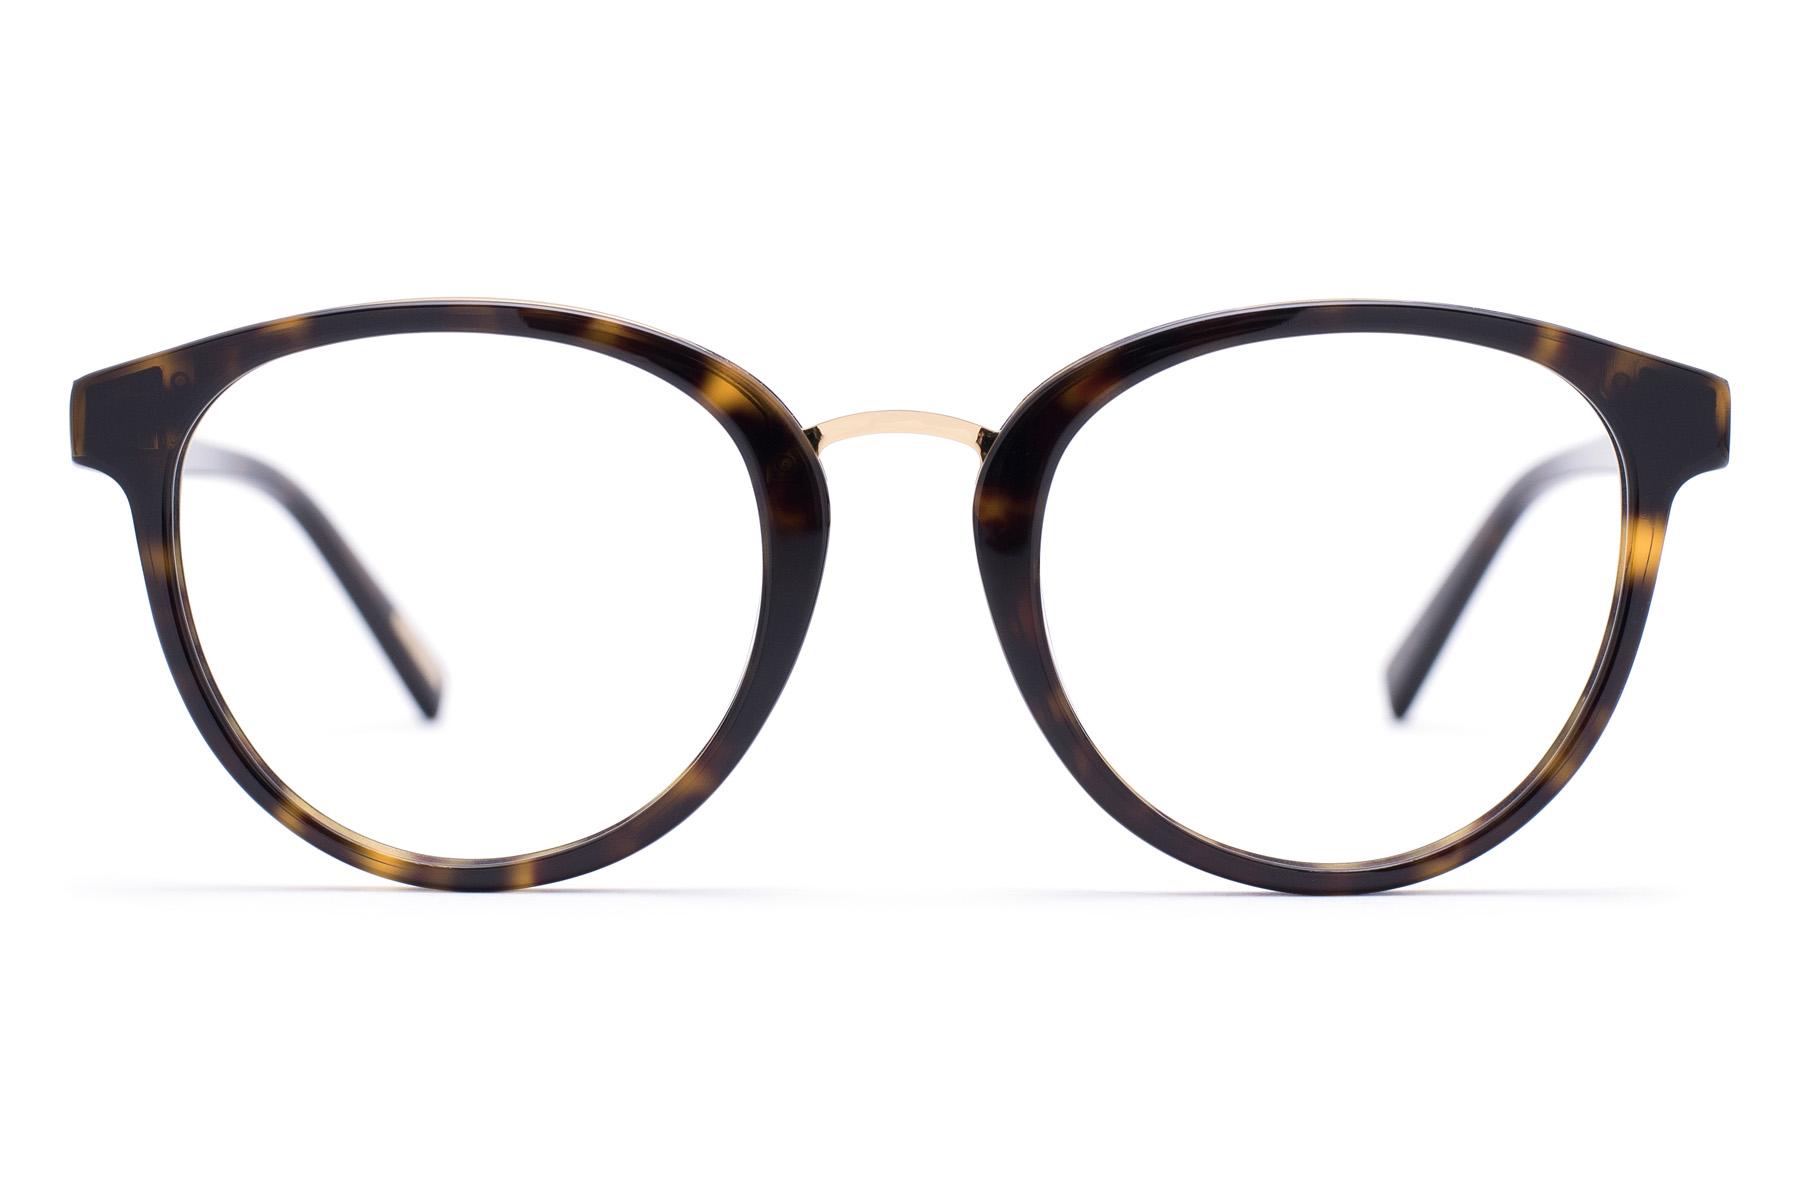 Γυαλιά οράσεως Bluesky Java Havana Πειραιάς